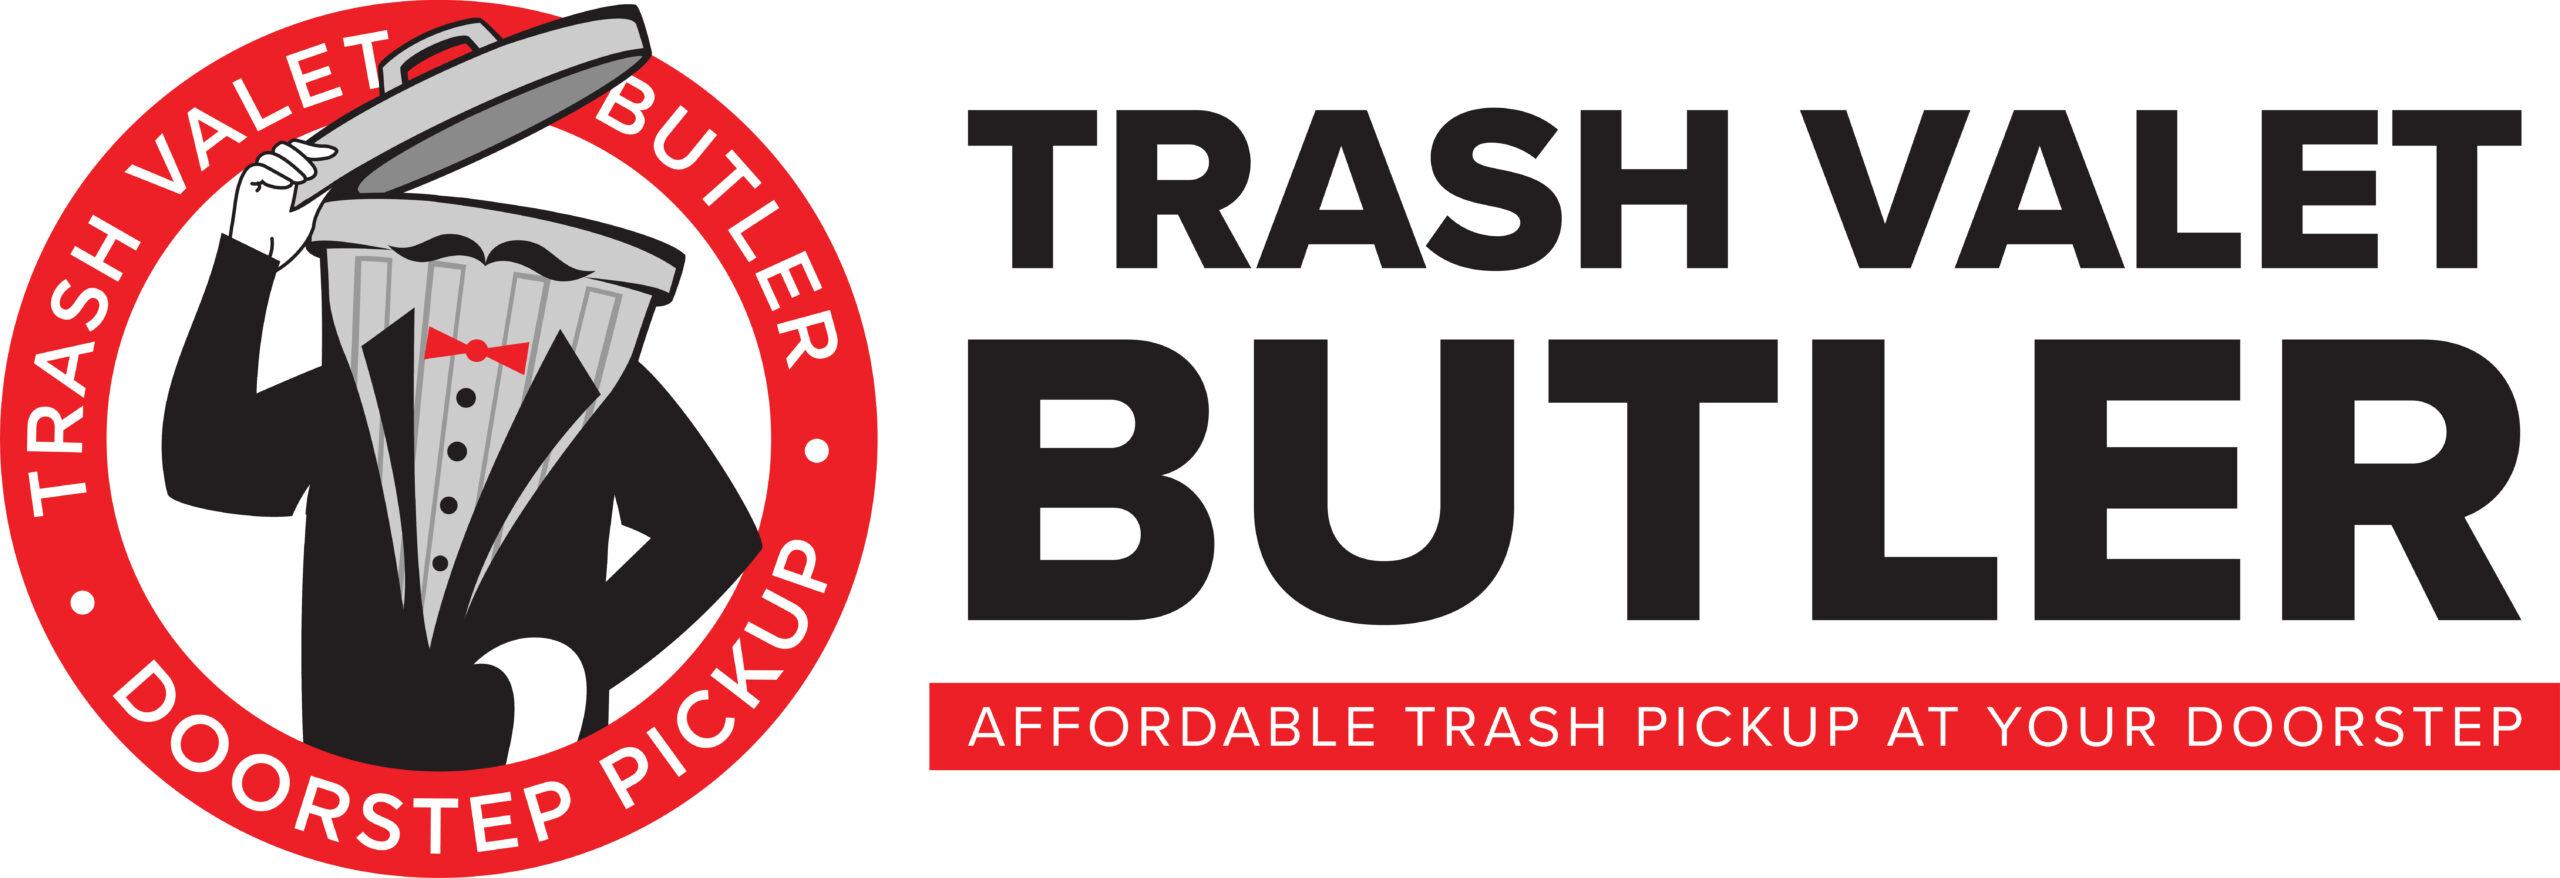 Trash Valet Butler